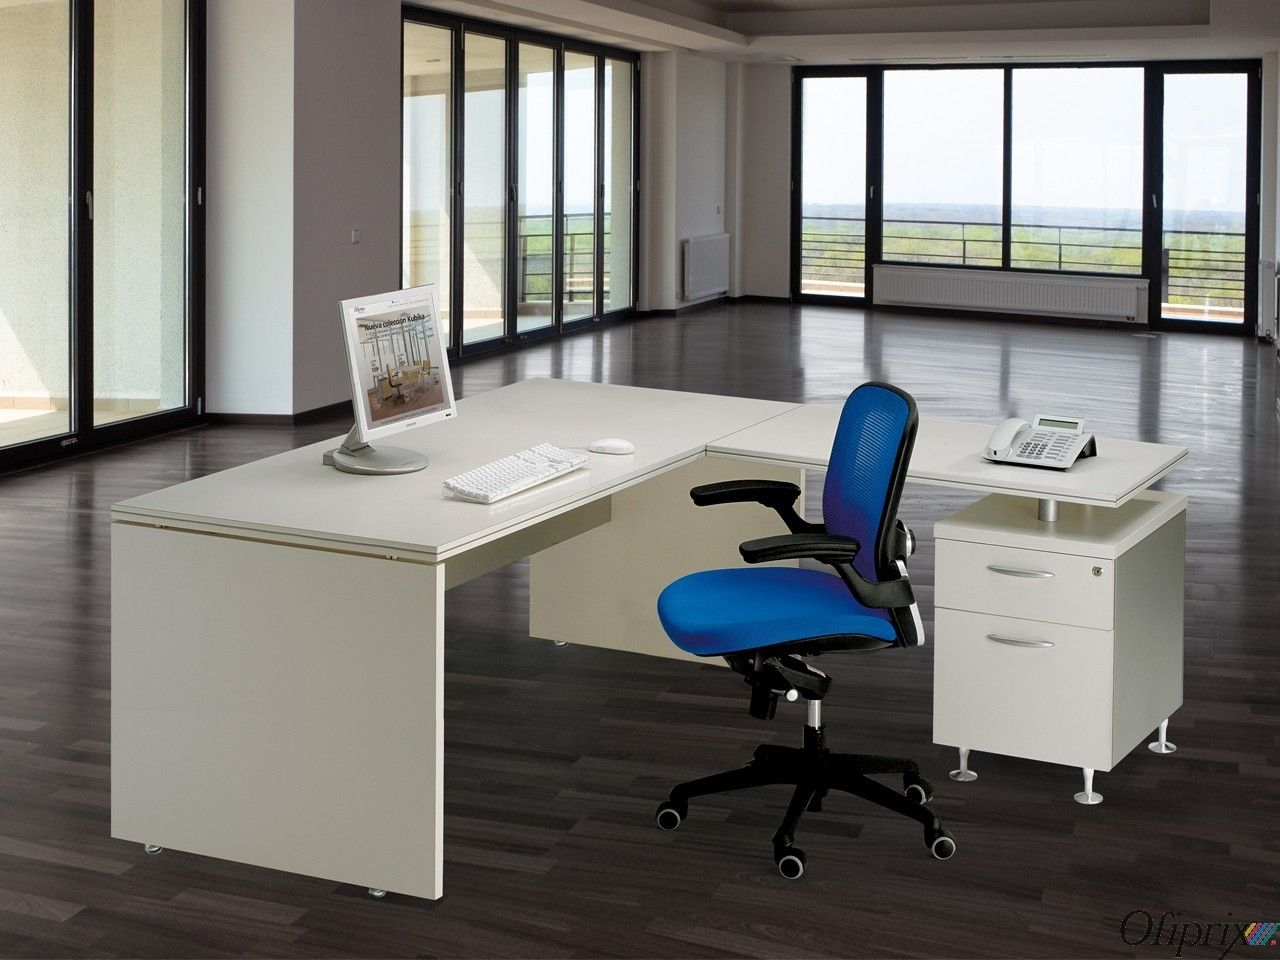 Mobiliario de oficina barato excellent las mesas de for Precio mobiliario oficina